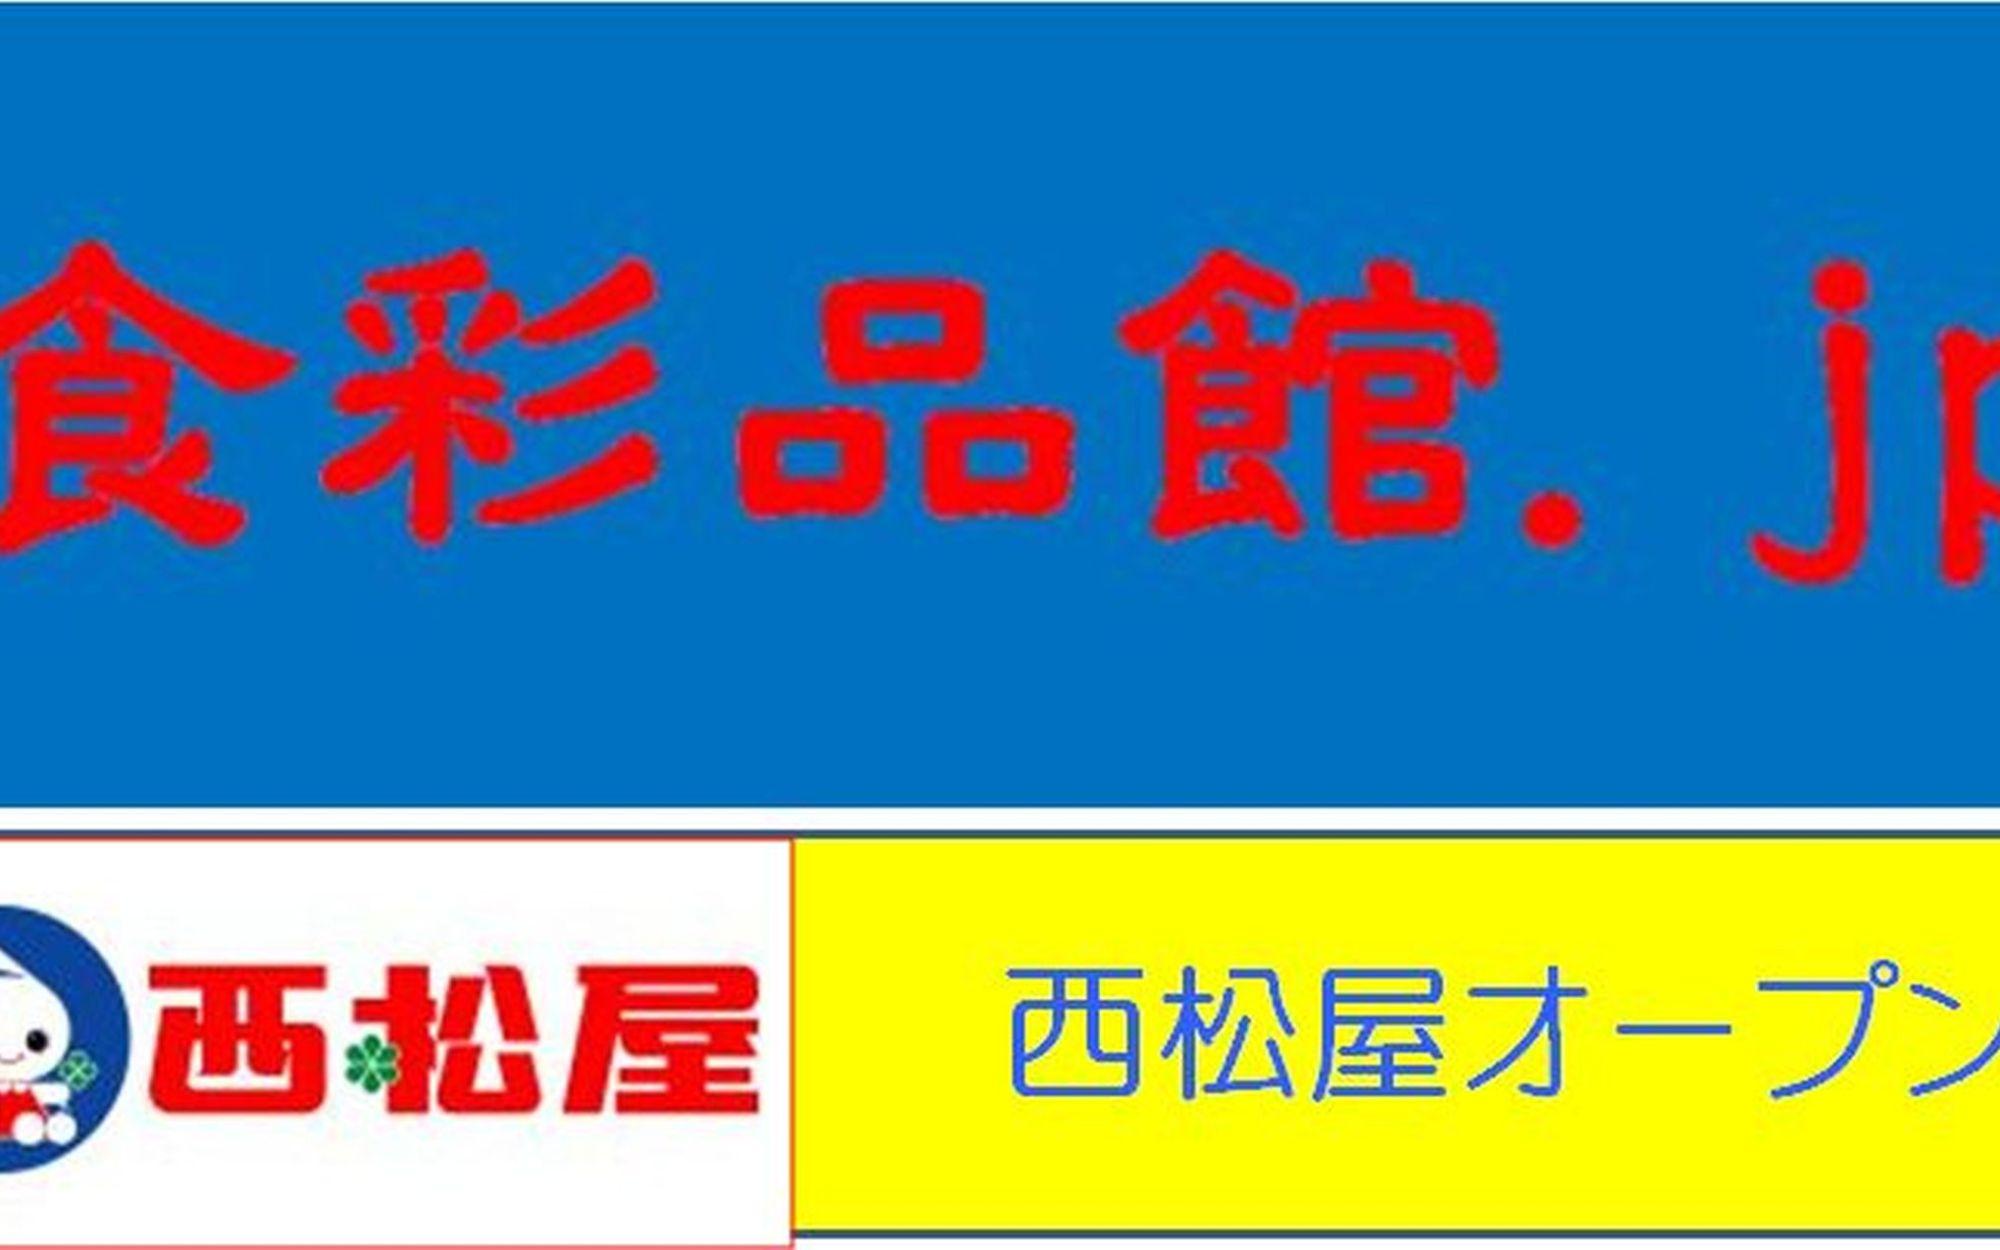 西松屋ダイエー武蔵村山店(東京都武蔵村山市)2020年8月6日オープン予定